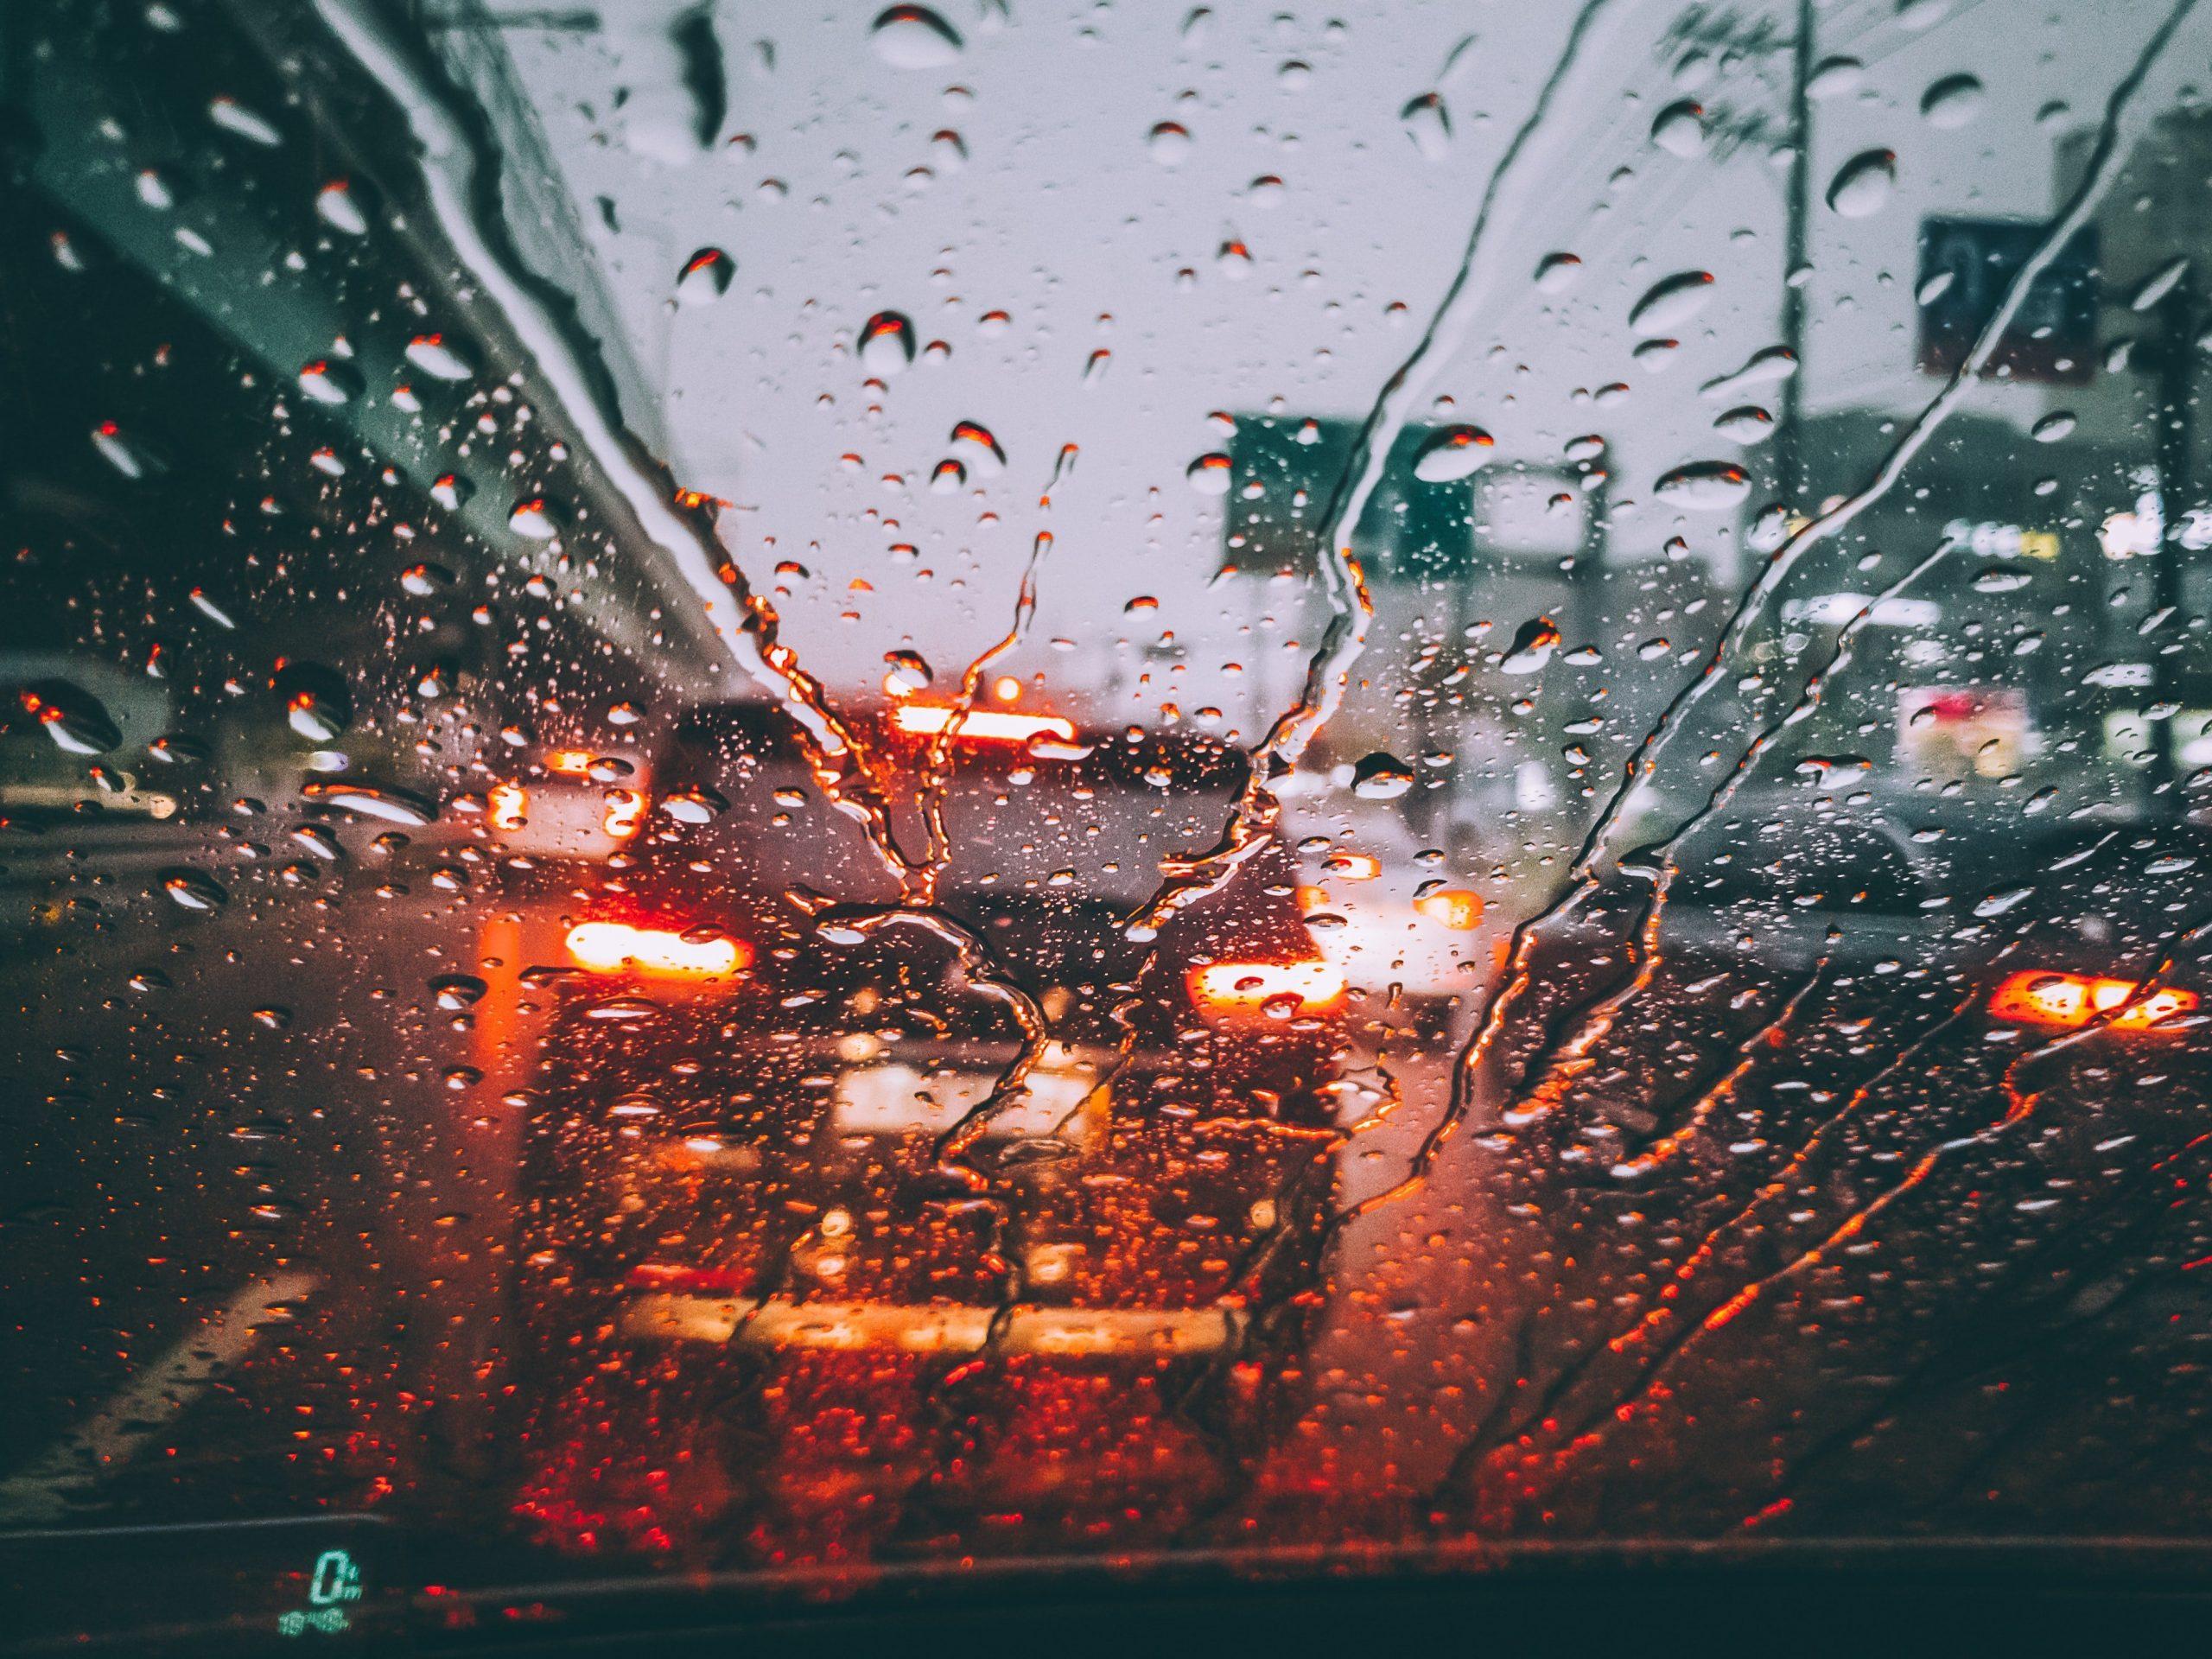 Zamagljena stakla predstavljaju opasnost u vožnji